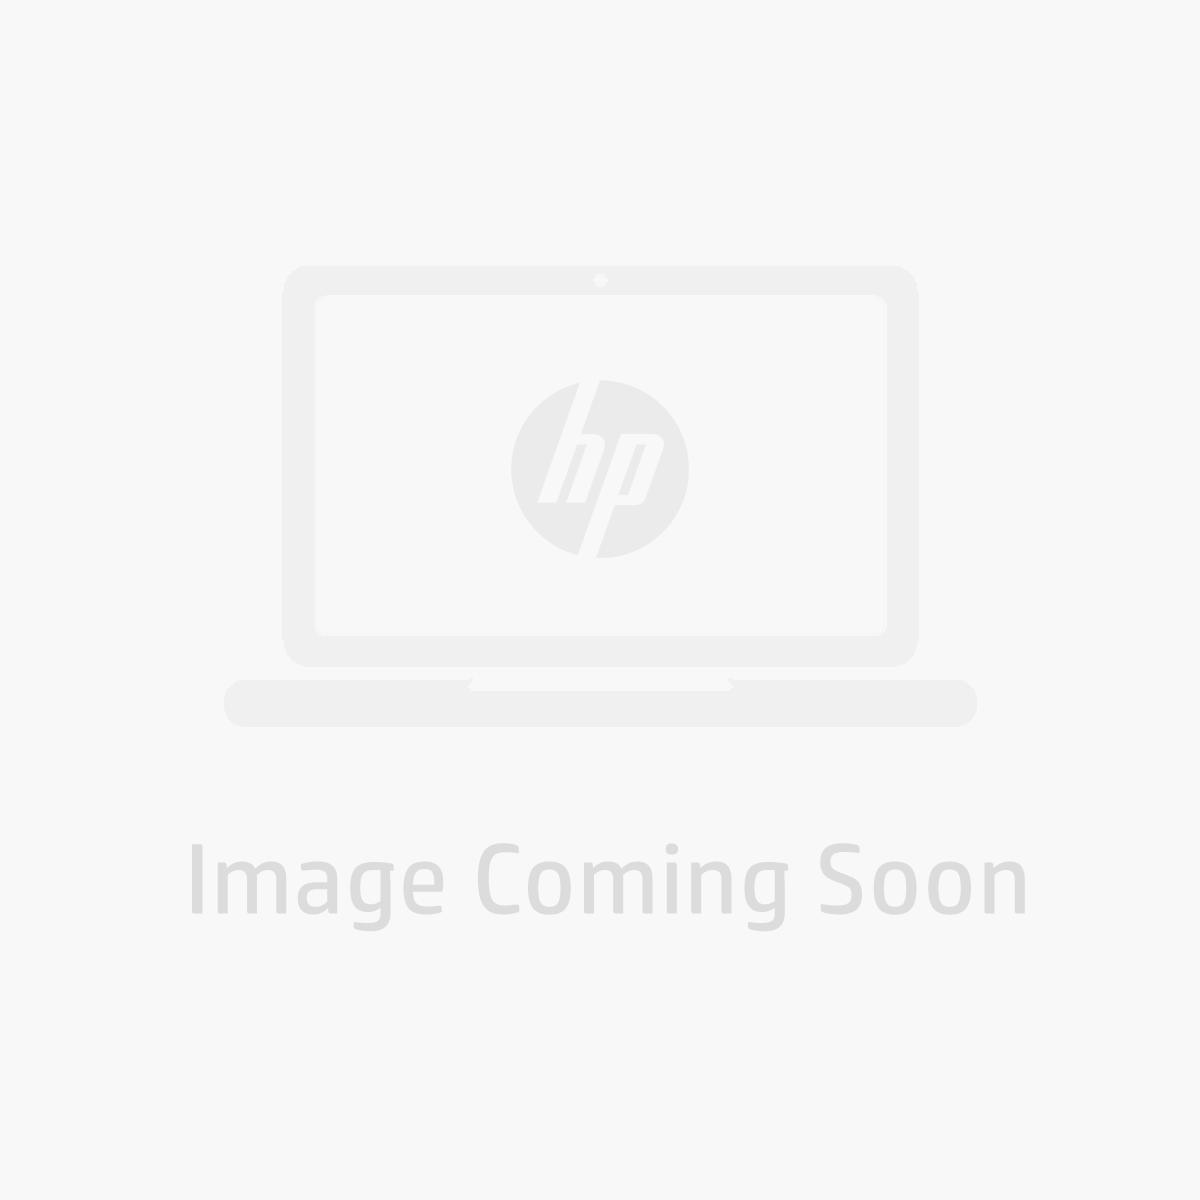 HP DeskJet 3790 Printer